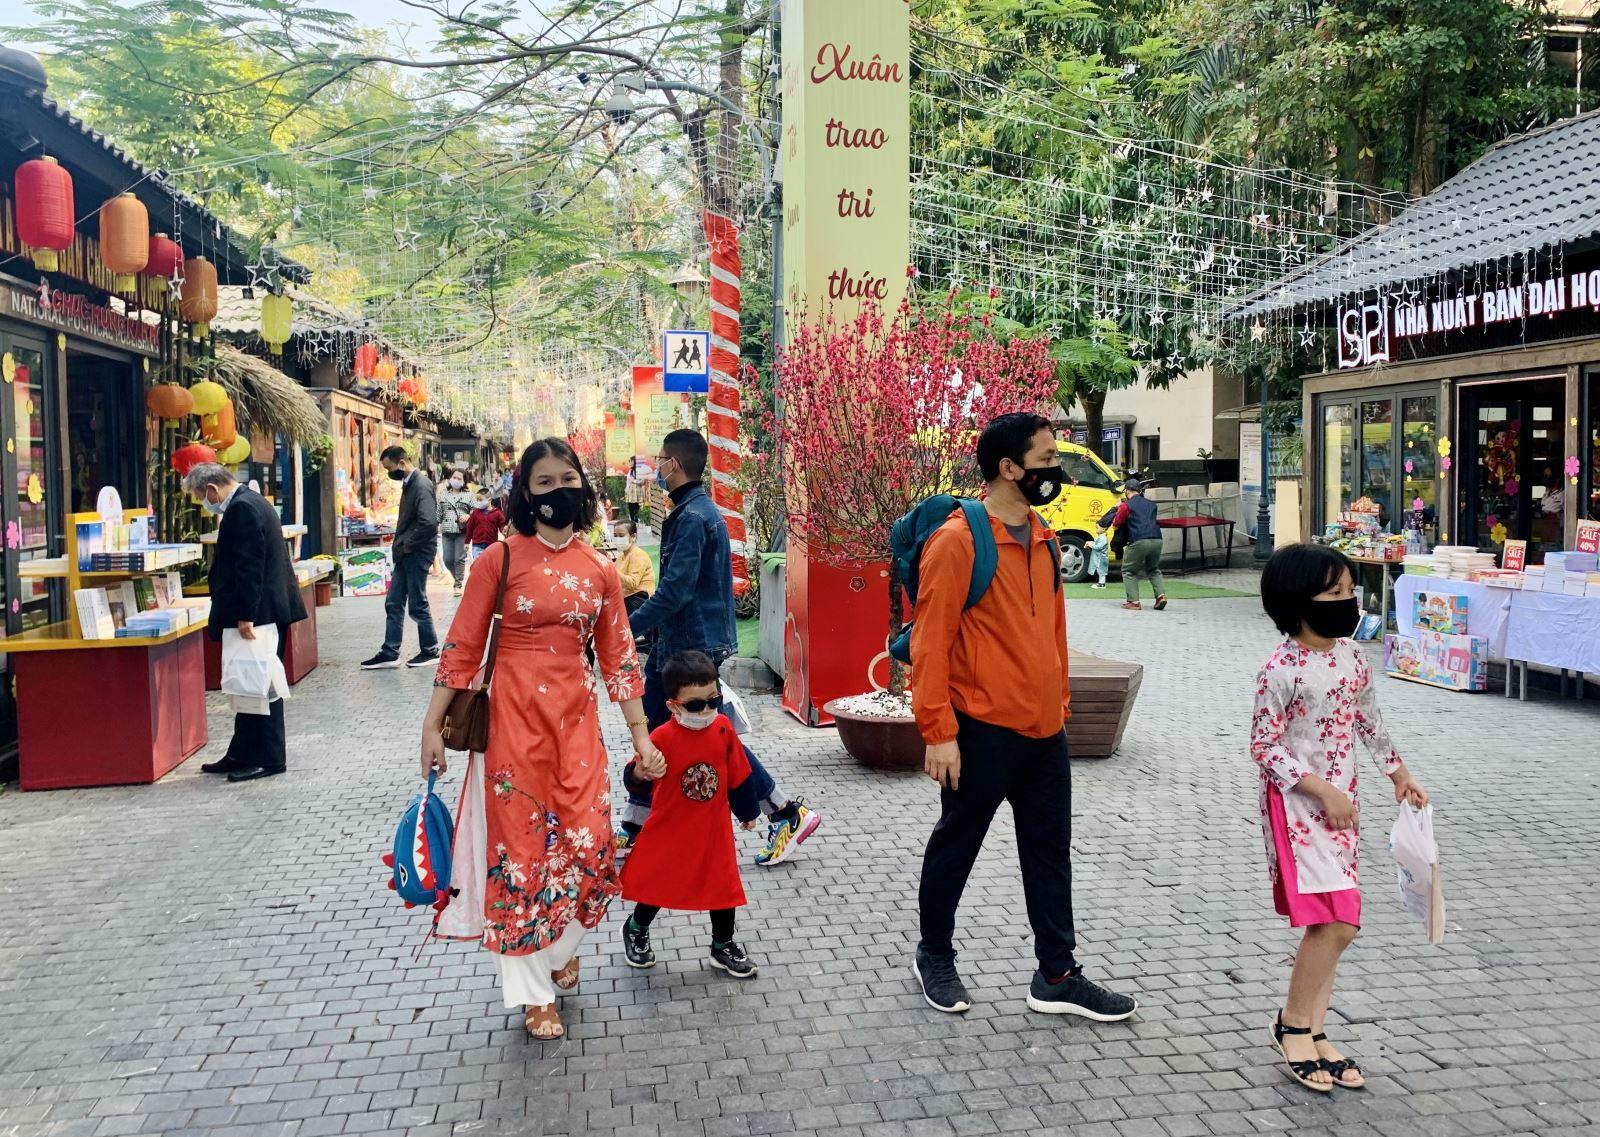 Phố sách 2021 Hà Nội: Xuân trao tri thức, trọn Tết sum vầy